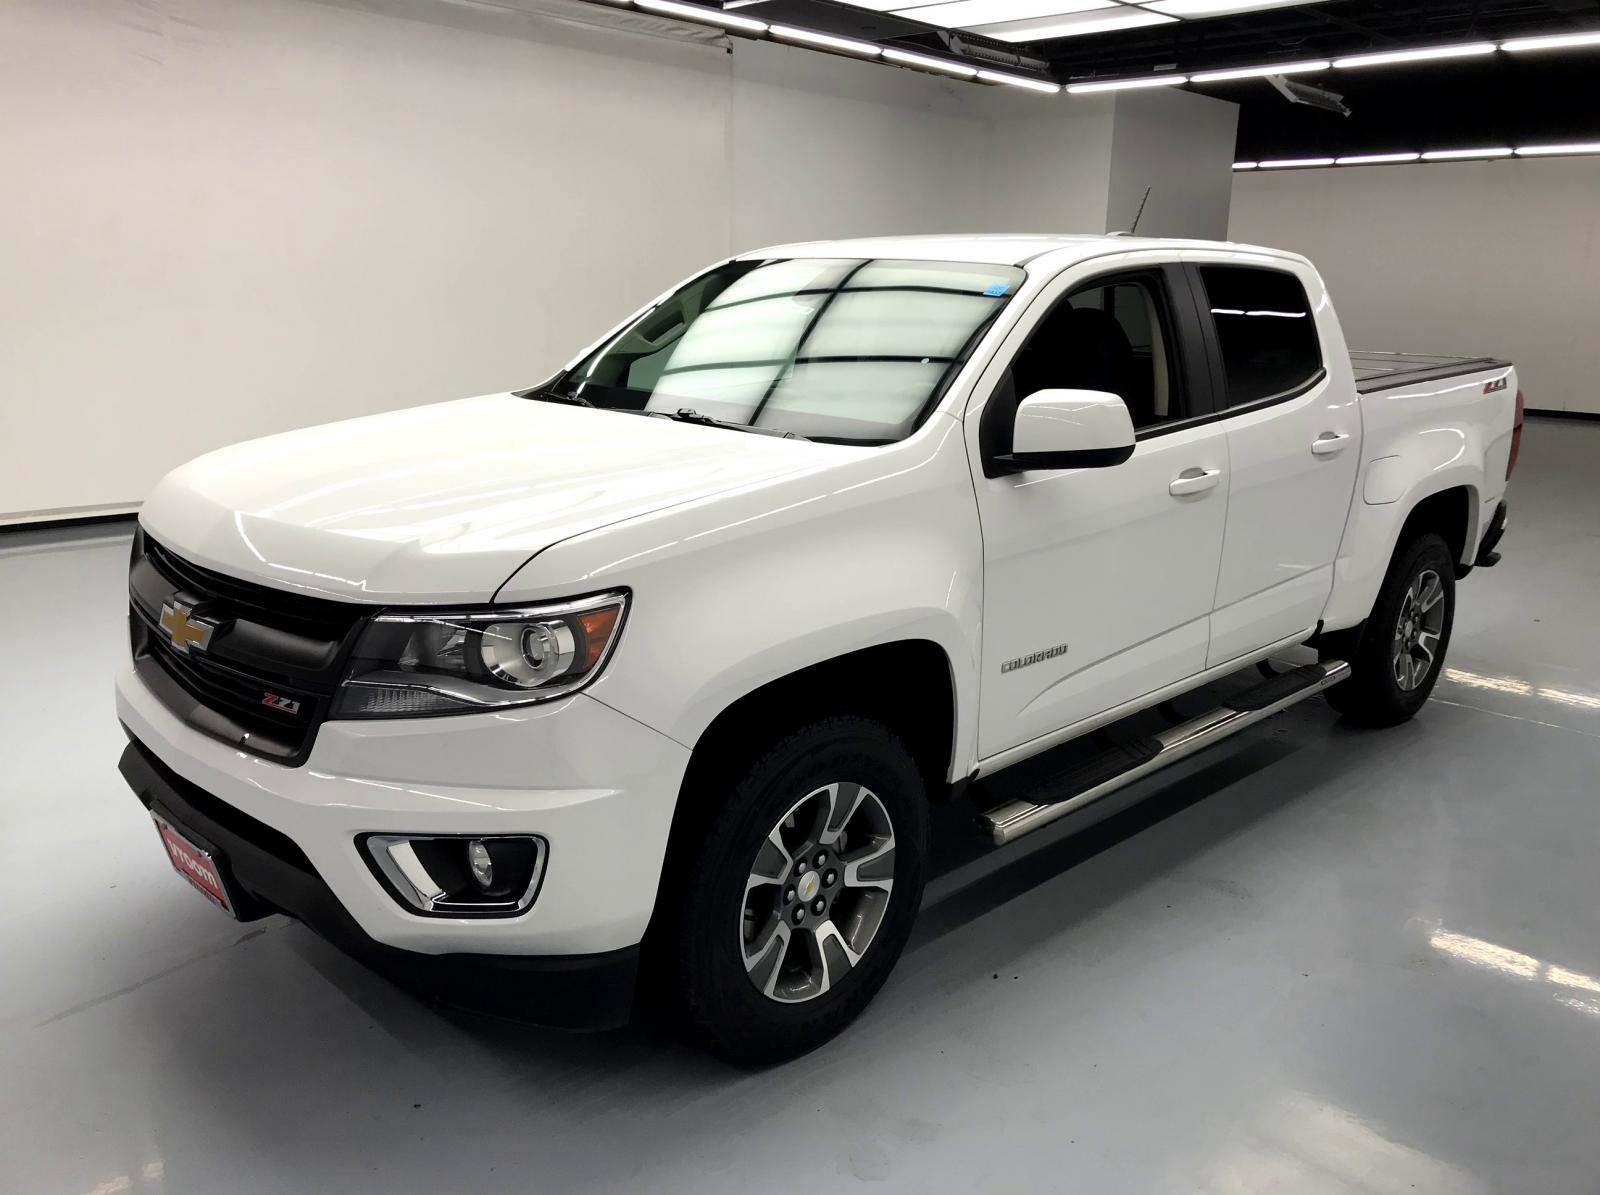 Chevy Colorado 2018 >> Used 2018 Chevrolet Colorado For Sale 30 620 Vroom